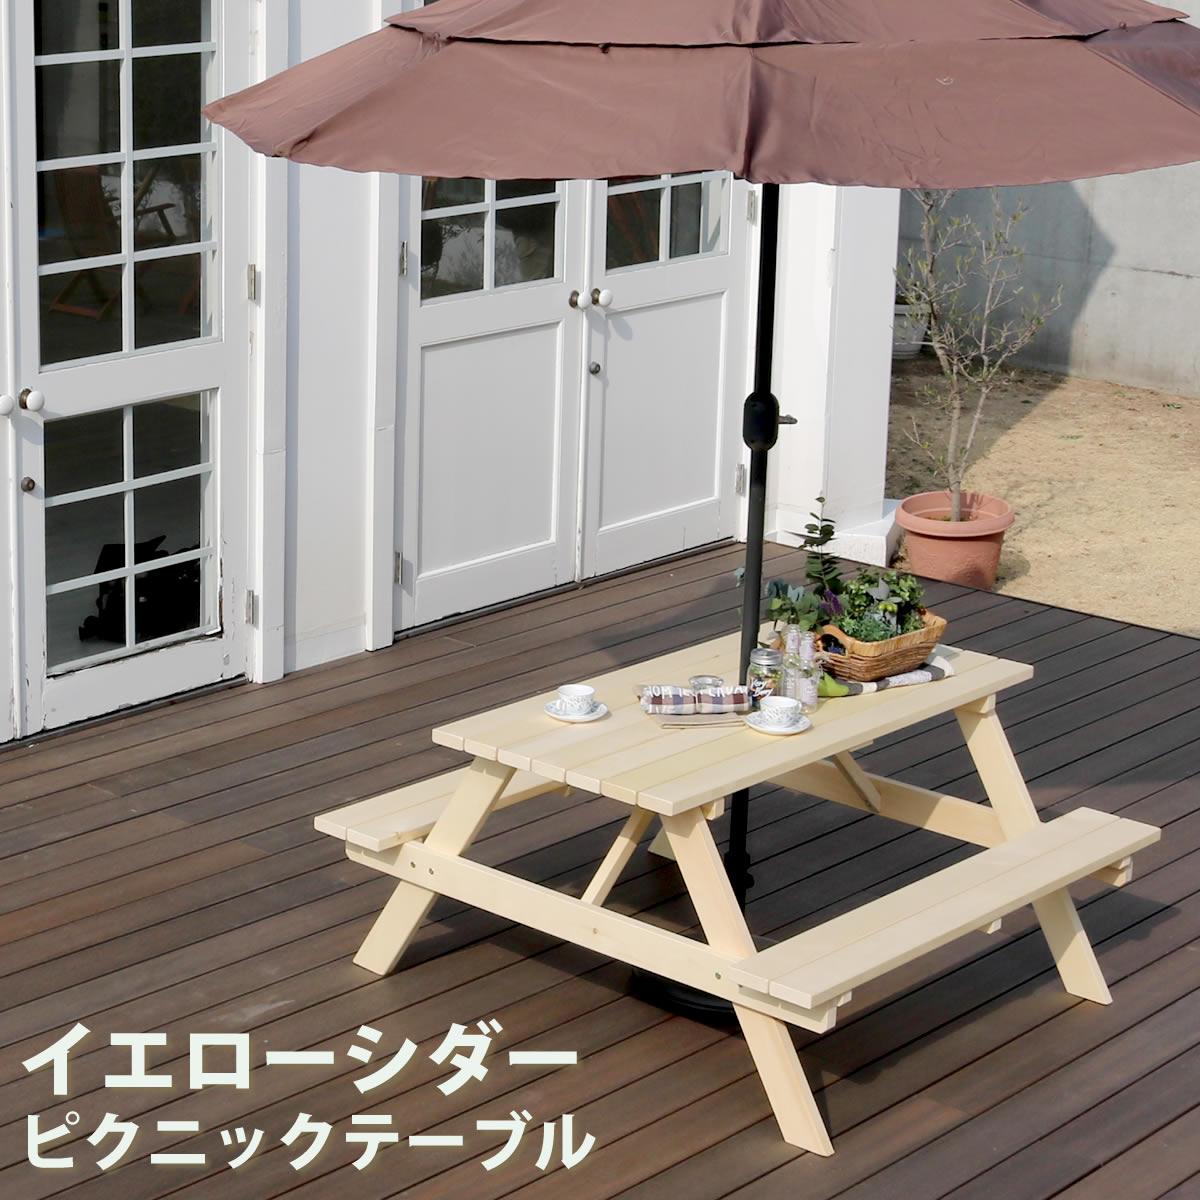 ガーデンテーブル ピクニックテーブル 簡単組立 天然木 木製 ガーデン 庭 公園 カフェ ホテル ペンション キャンプ場 バーベキュー ビアガーデン ガーデンファニチャー チェア 椅子